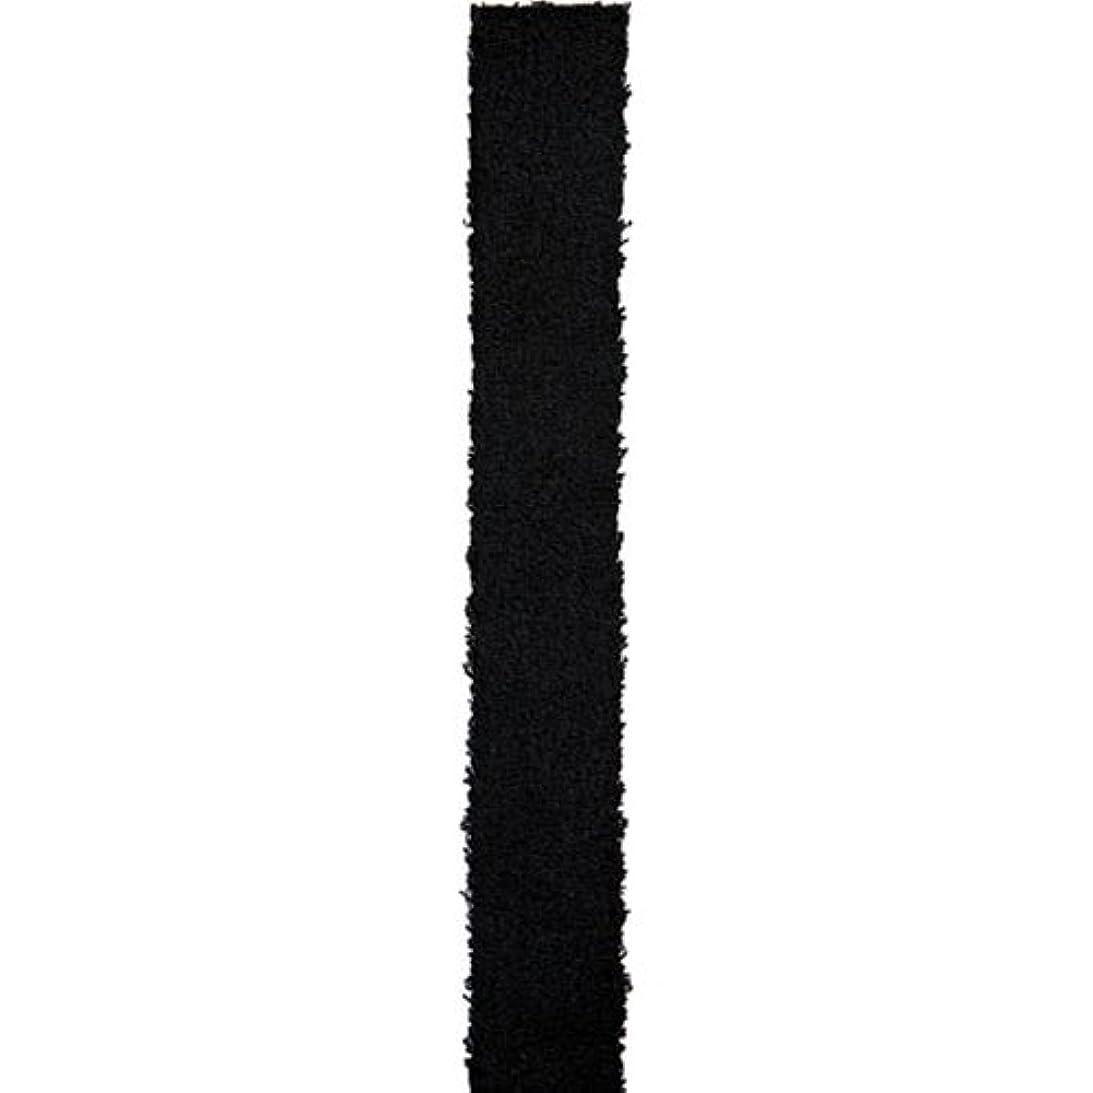 取り替えるいちゃつく冊子ゴーセン GOSEN タオルグリップロング GOS-AC10L (90)ブラック ○